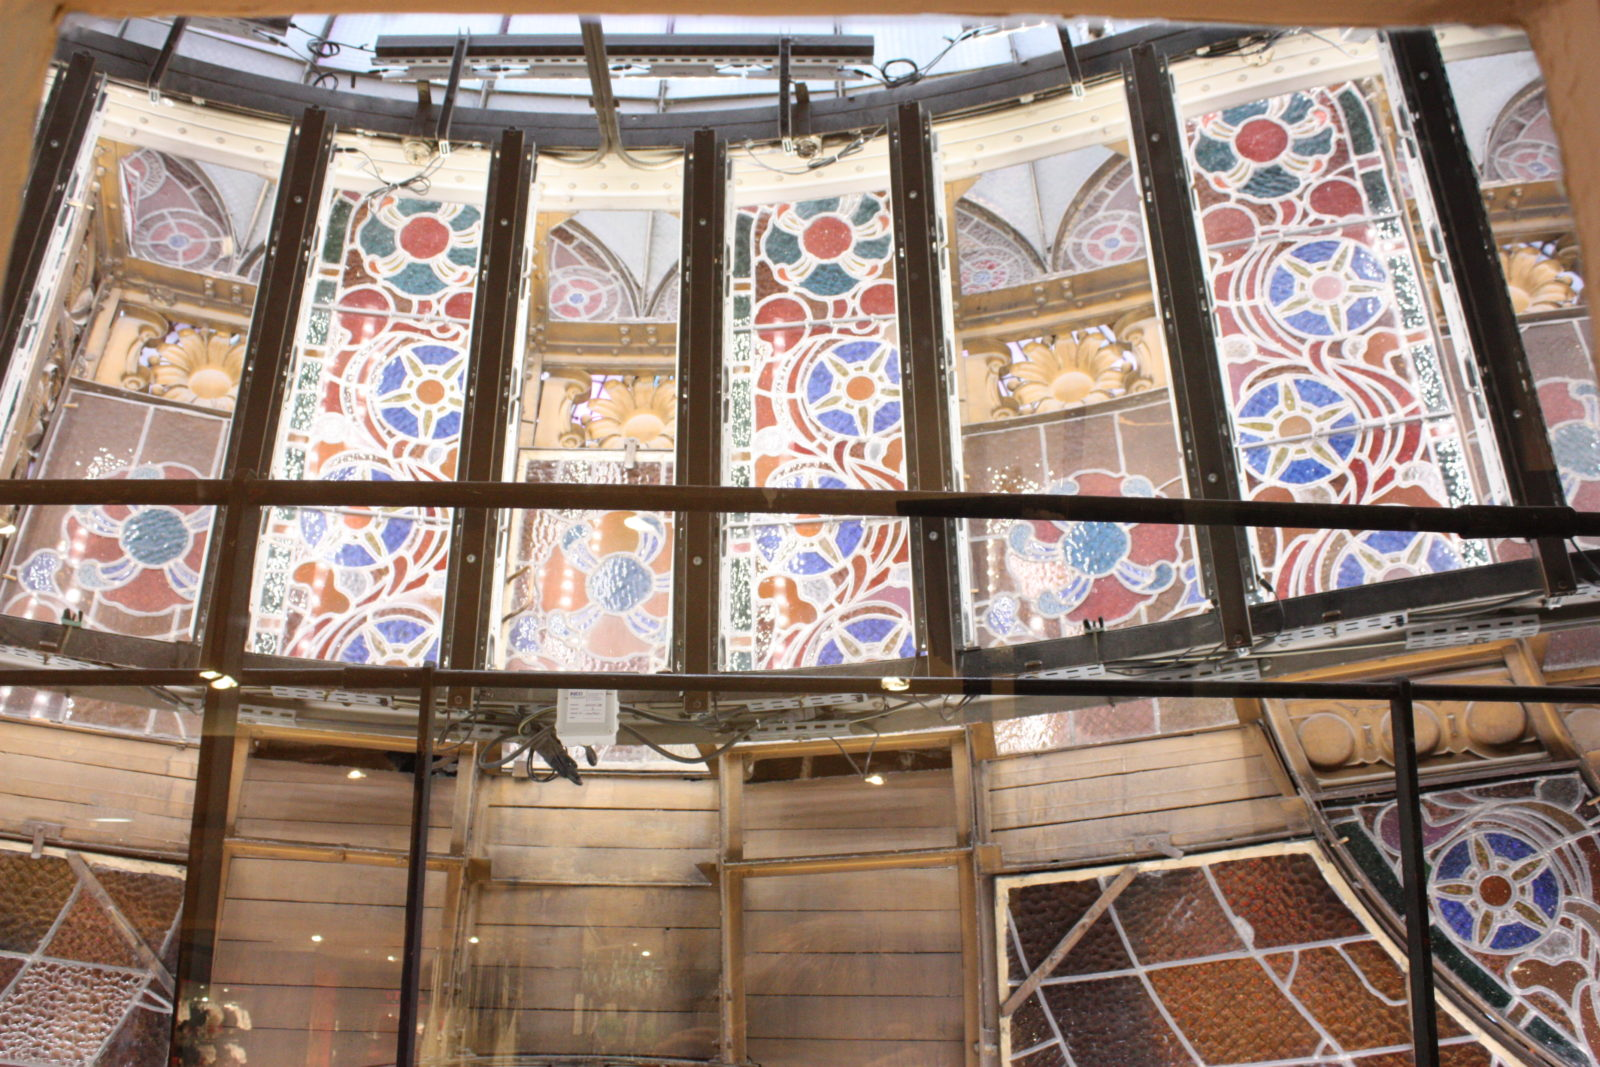 Galeries Lafayette Paris Haussmann -les vitraux de la coupole